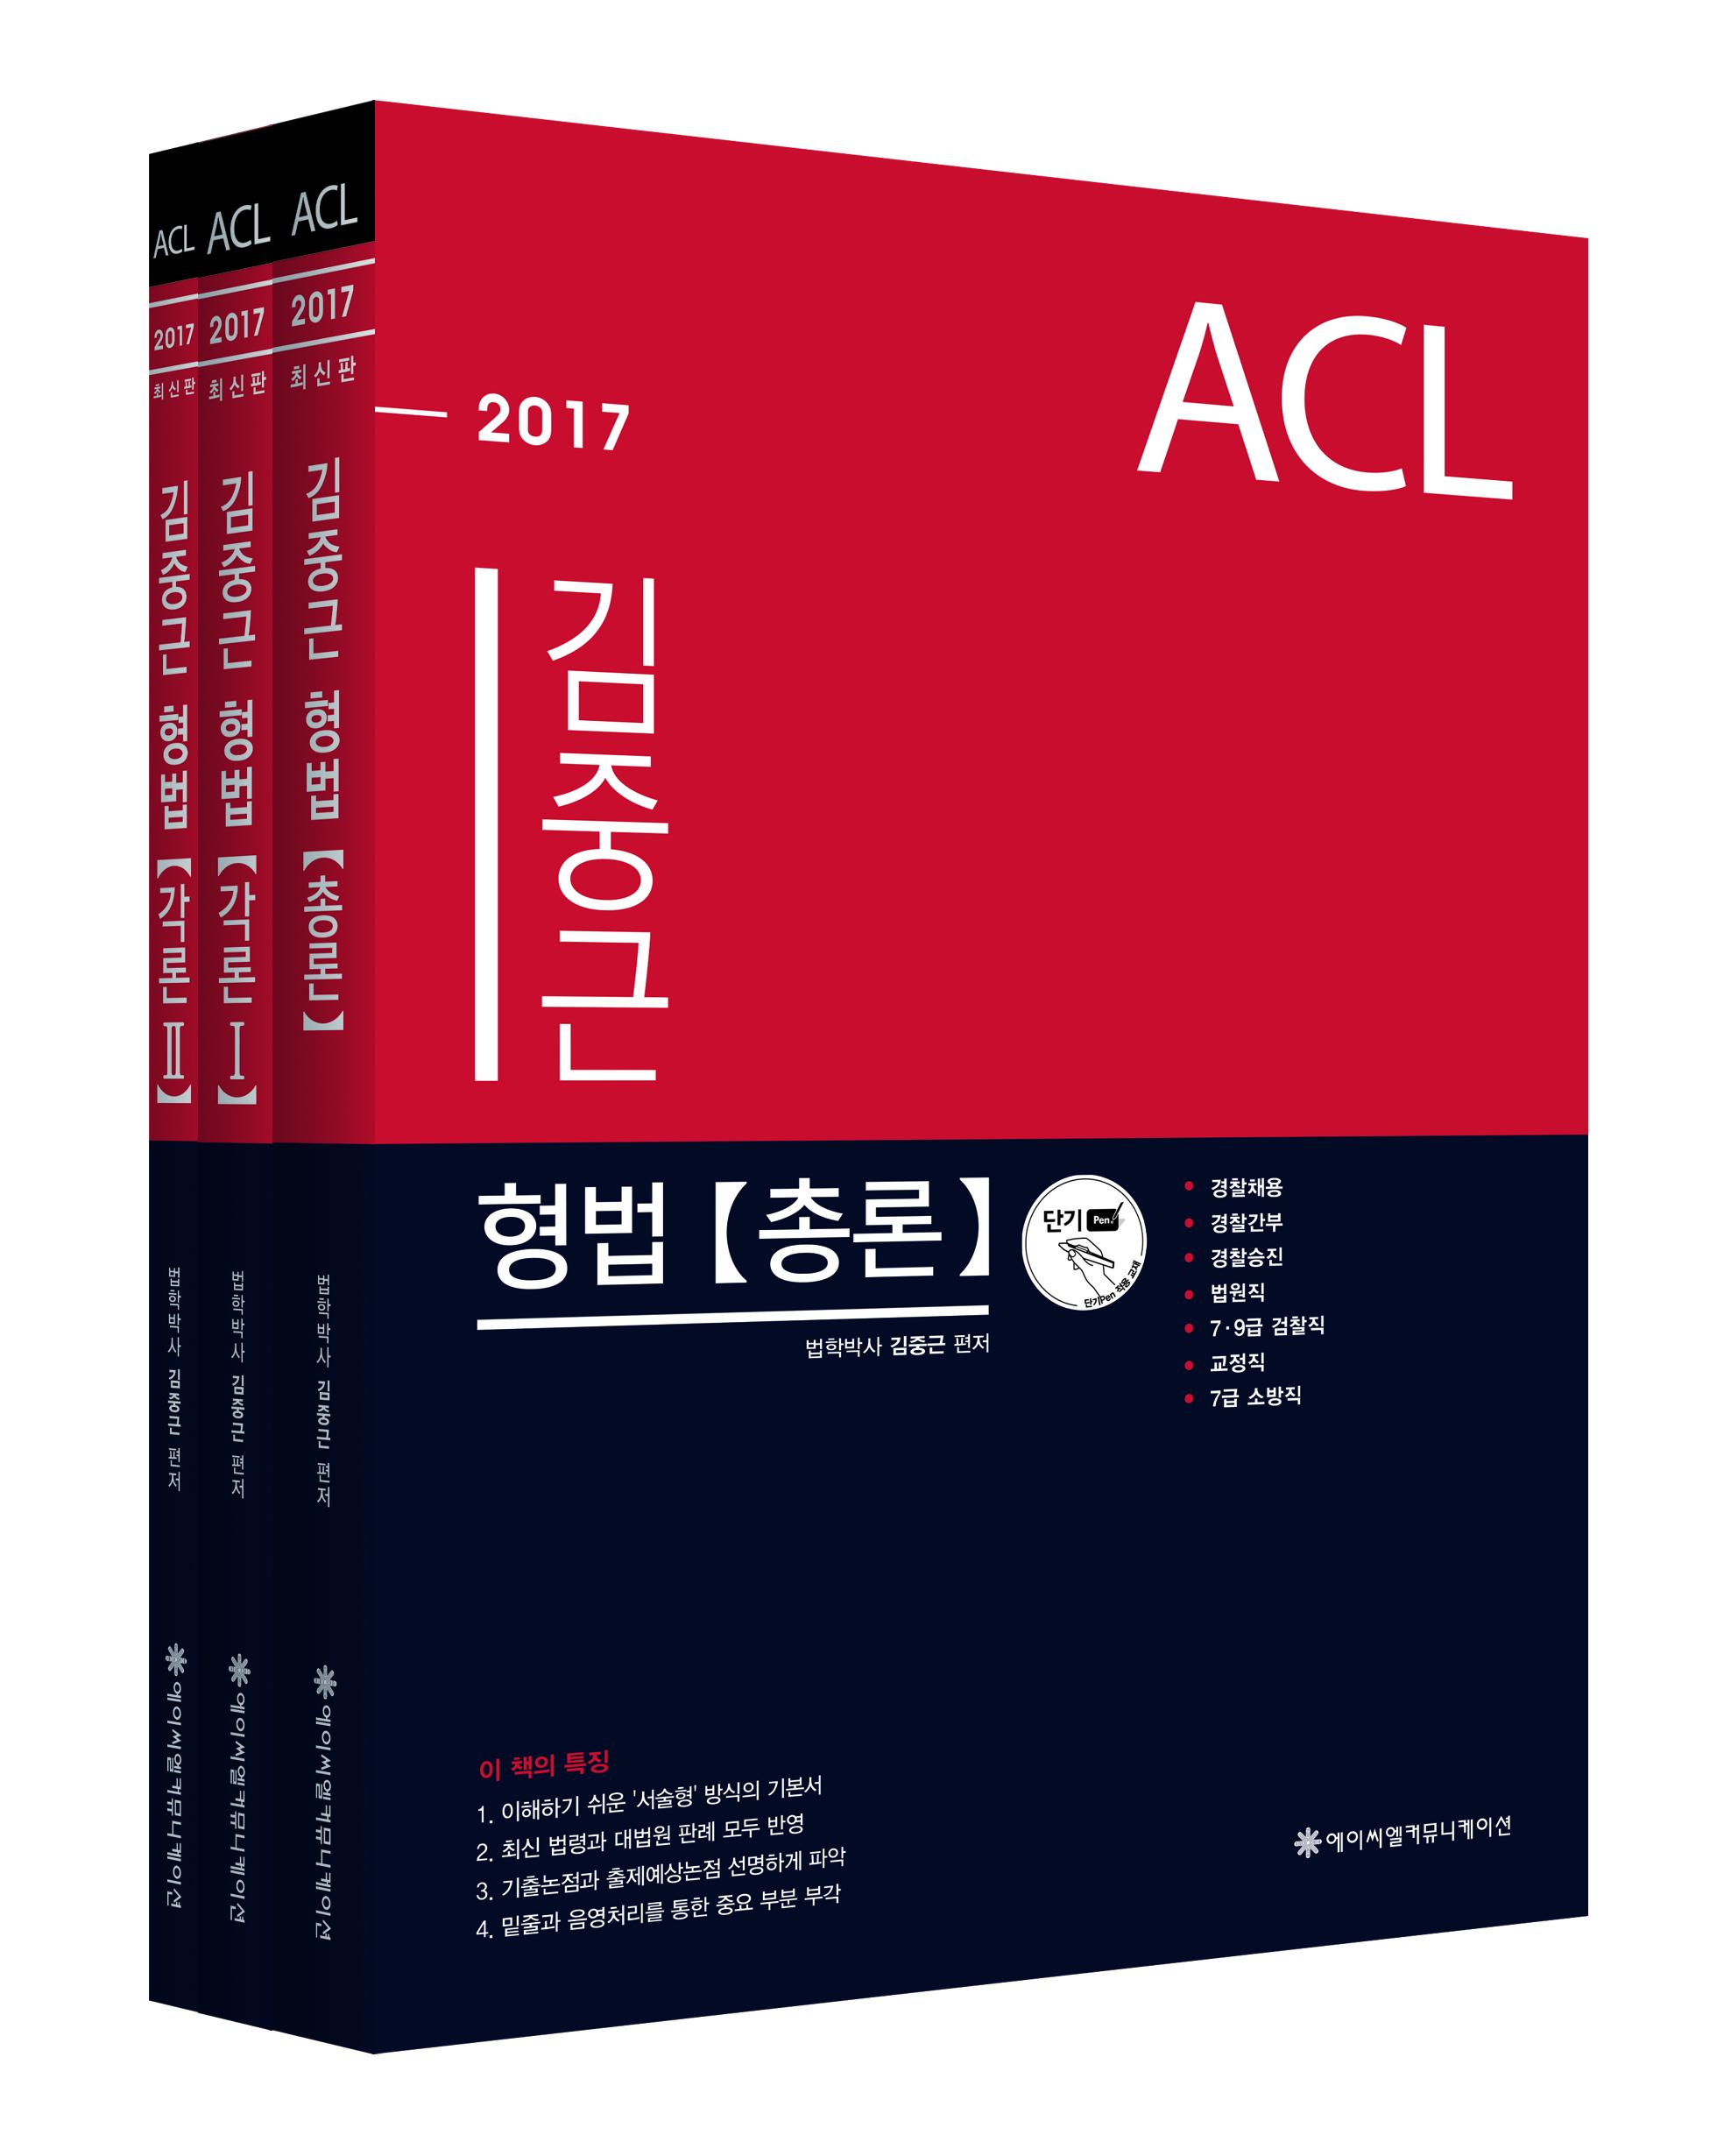 [단기펜교재] 2017 김중근 형법 최신판 (전3권) SET